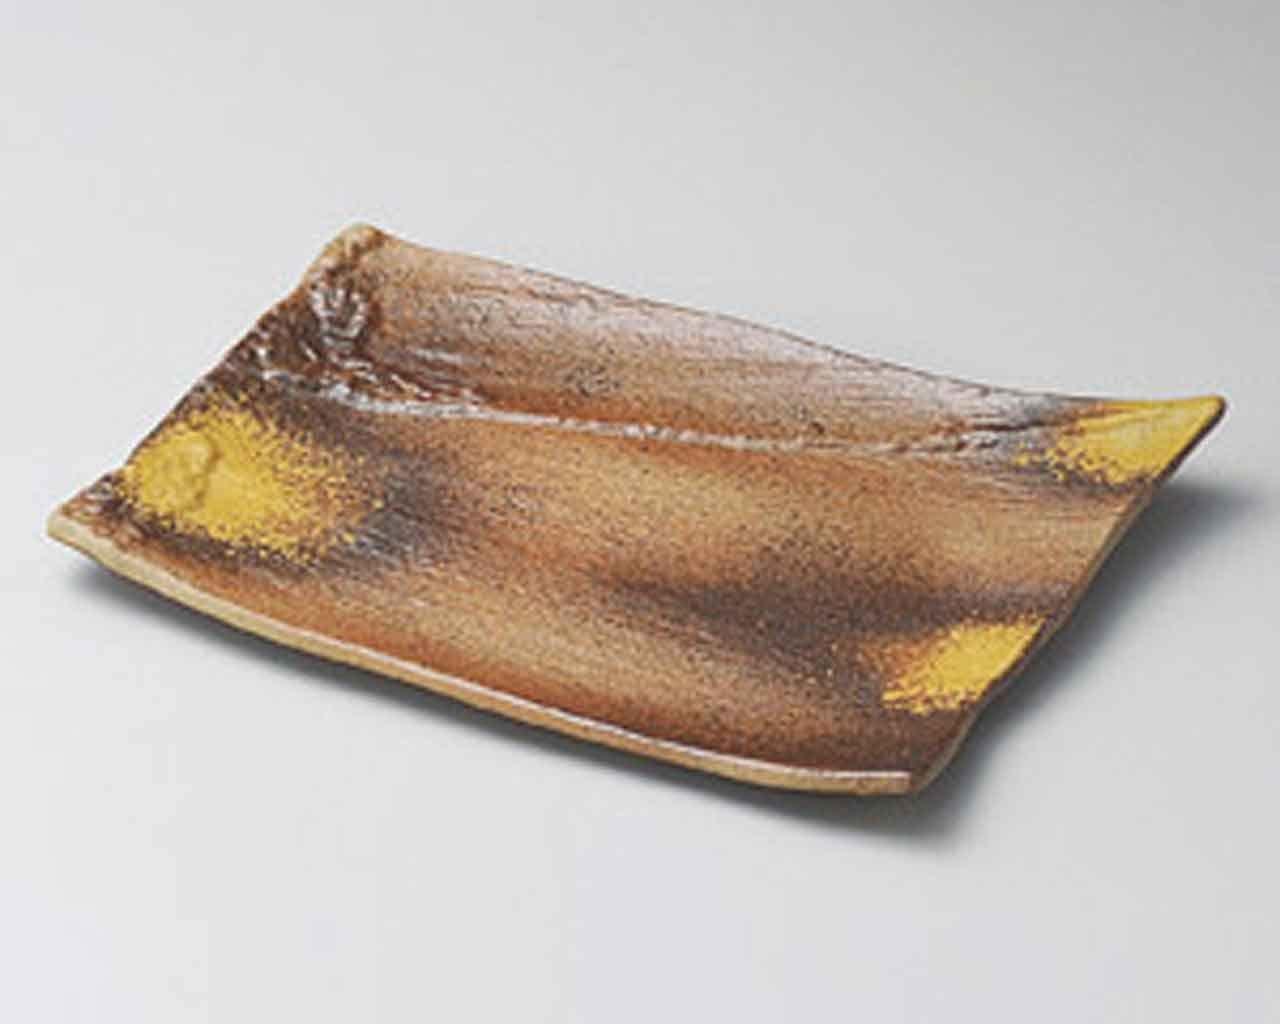 Bizen Shibuki 9.2inch Set of 5 Long Plates Brown Ceramic Made in Japan